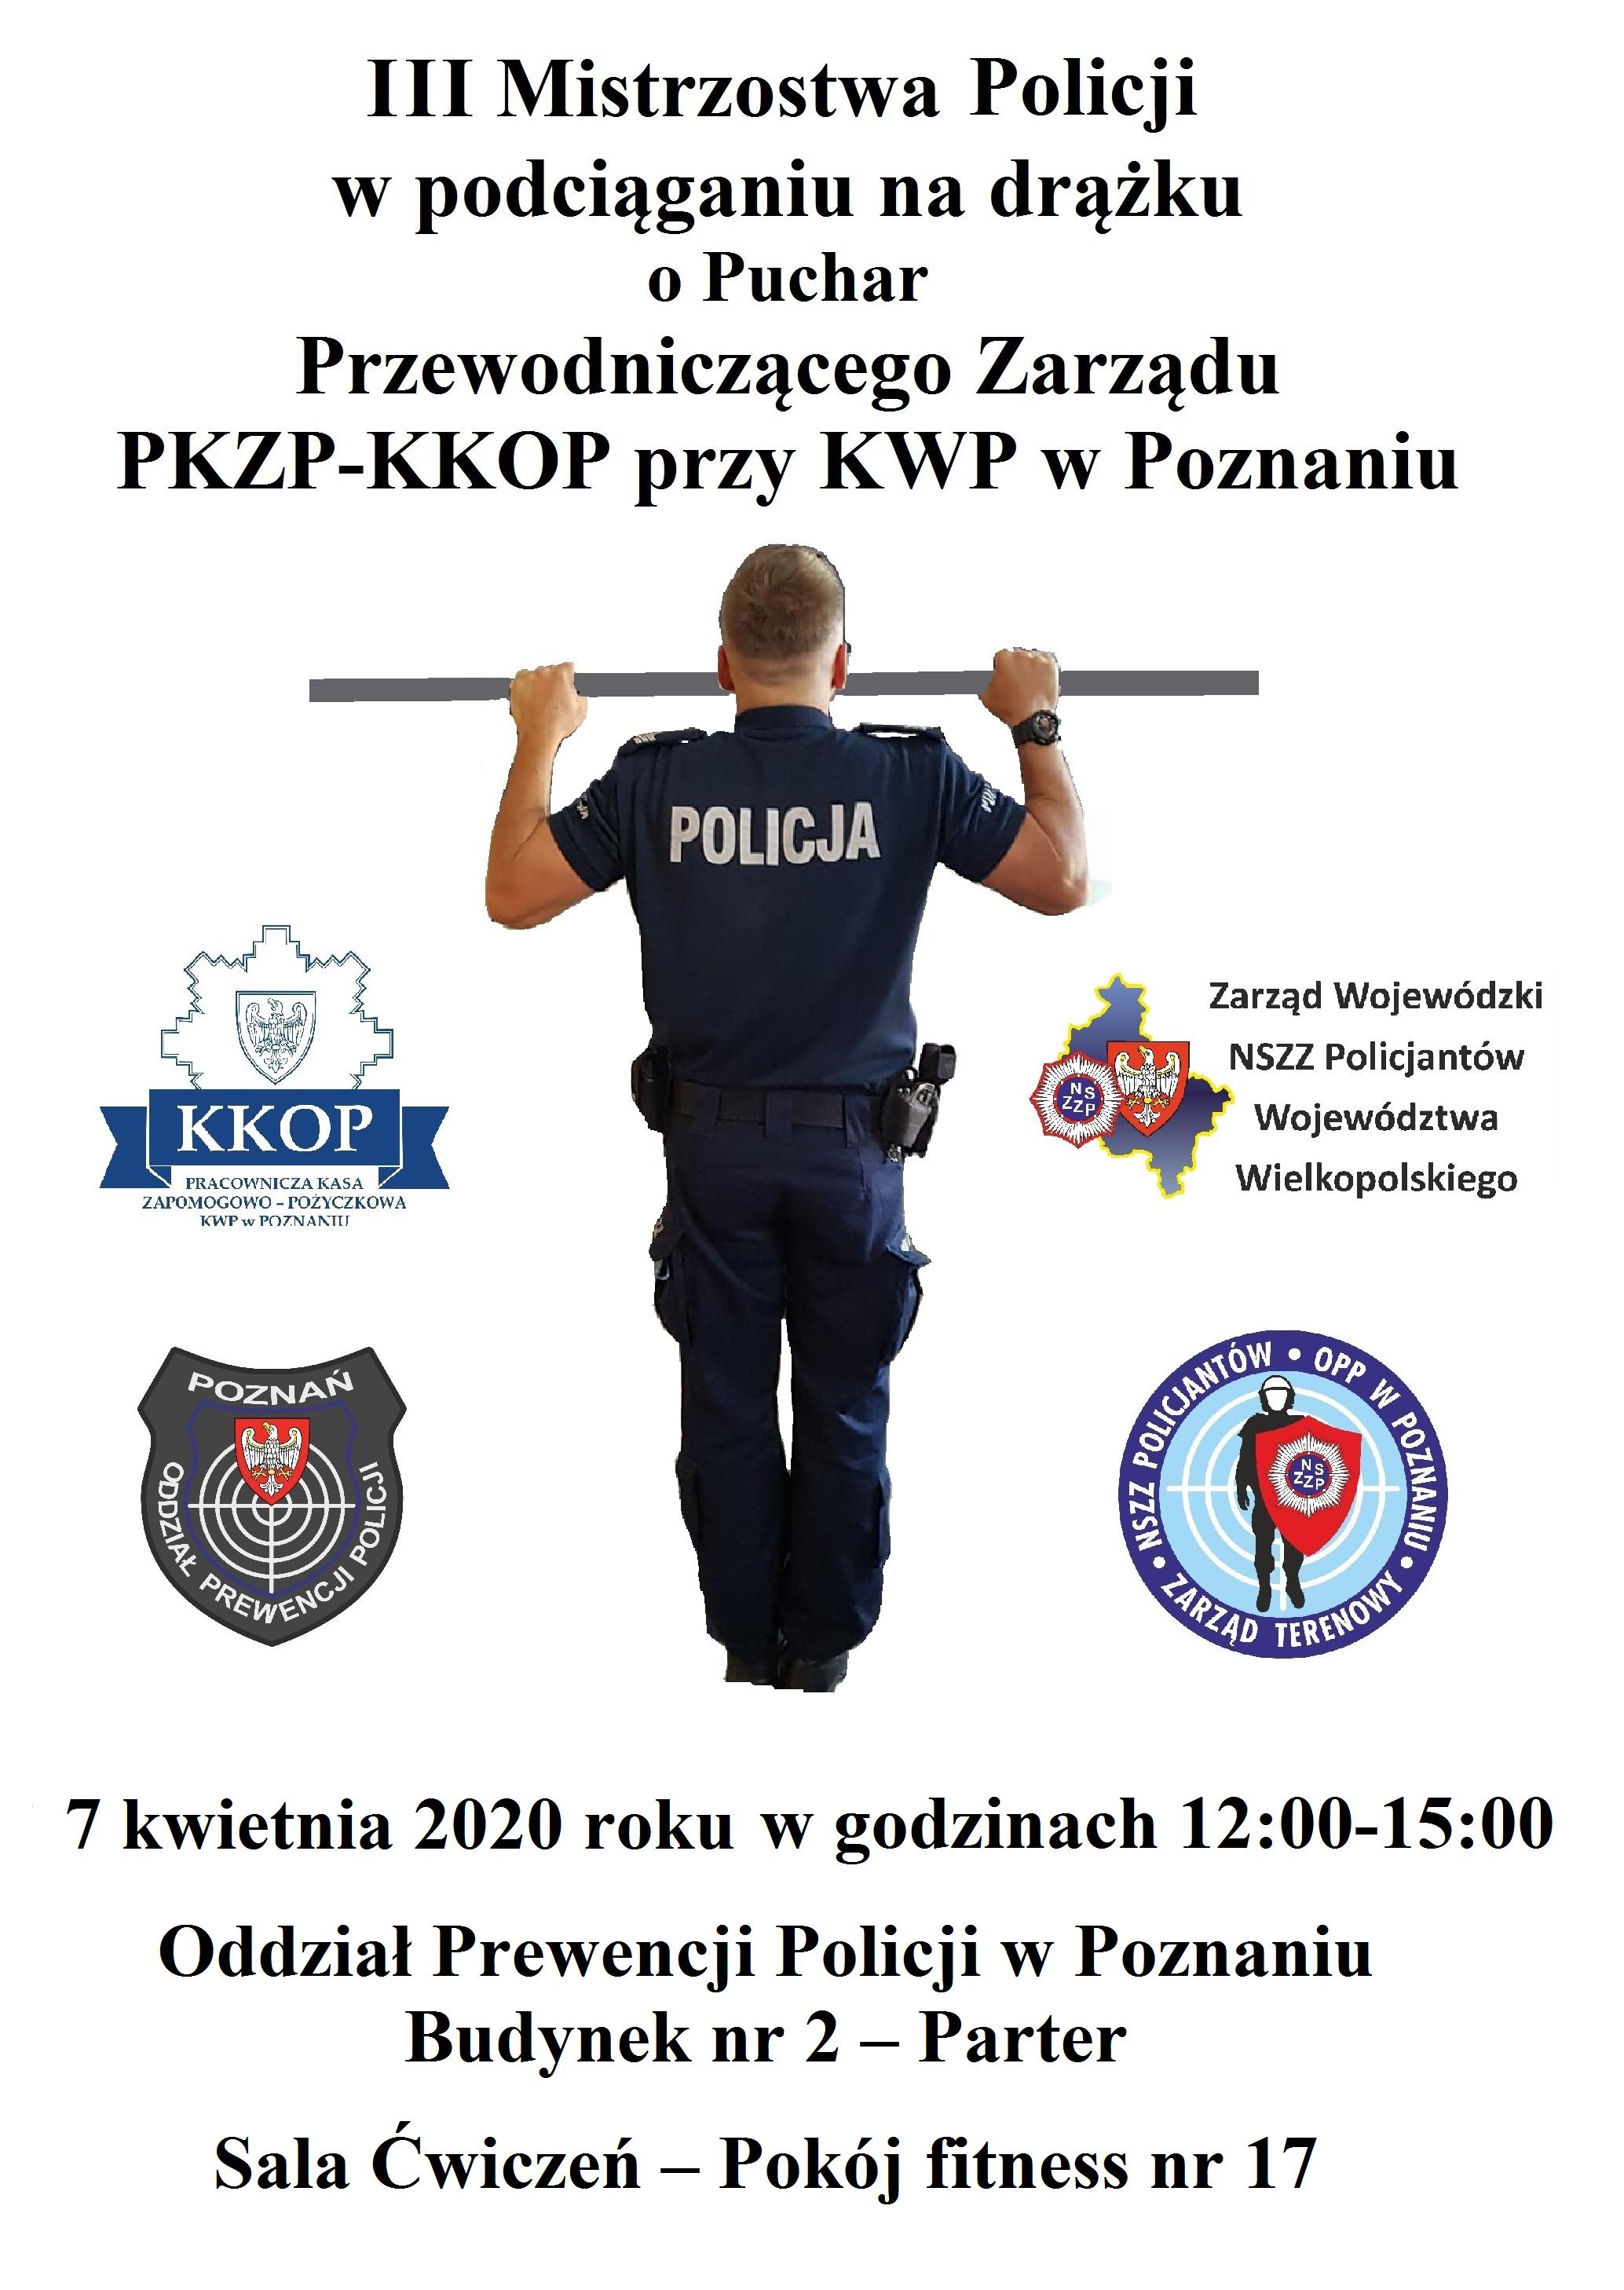 III Mistrzostwa Policji w Podciąganiu na drążku